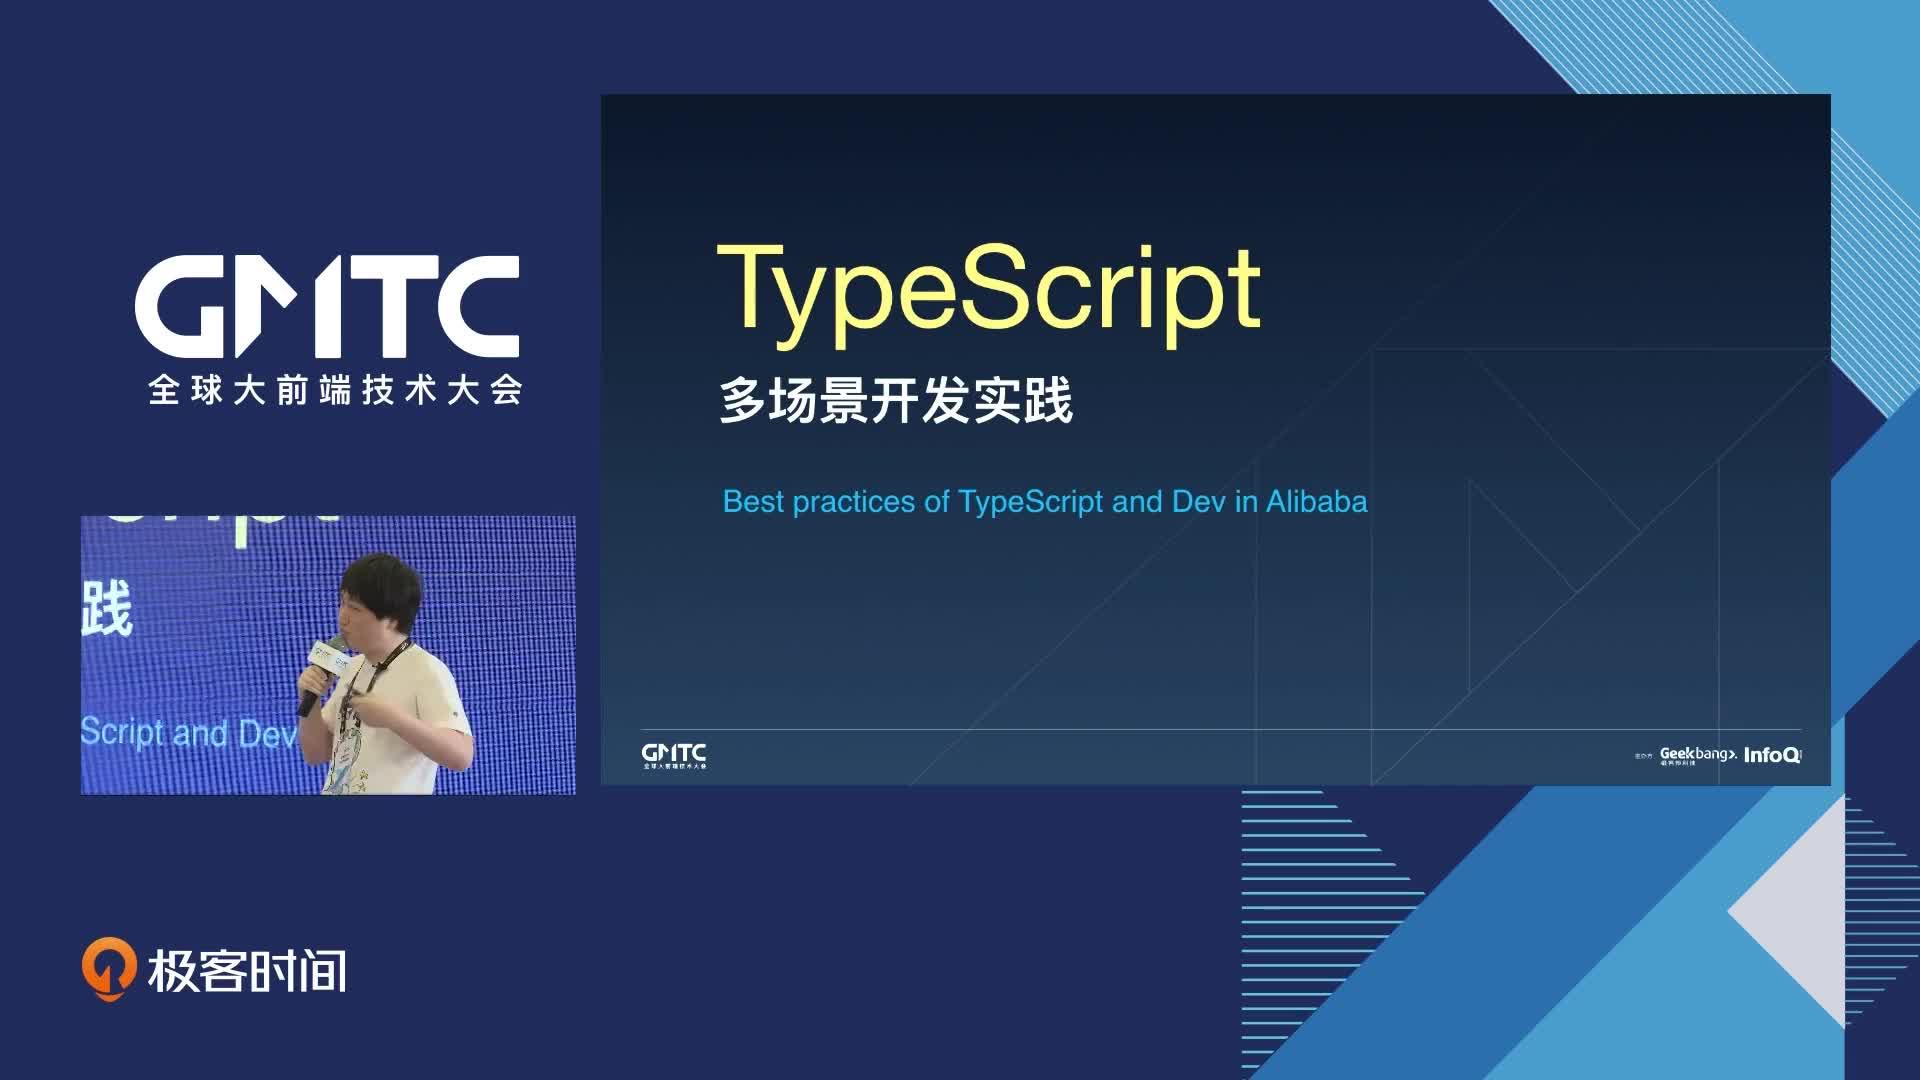 基于 TypeScript 的 Node.js 多场景框架设计方案丨GMTC